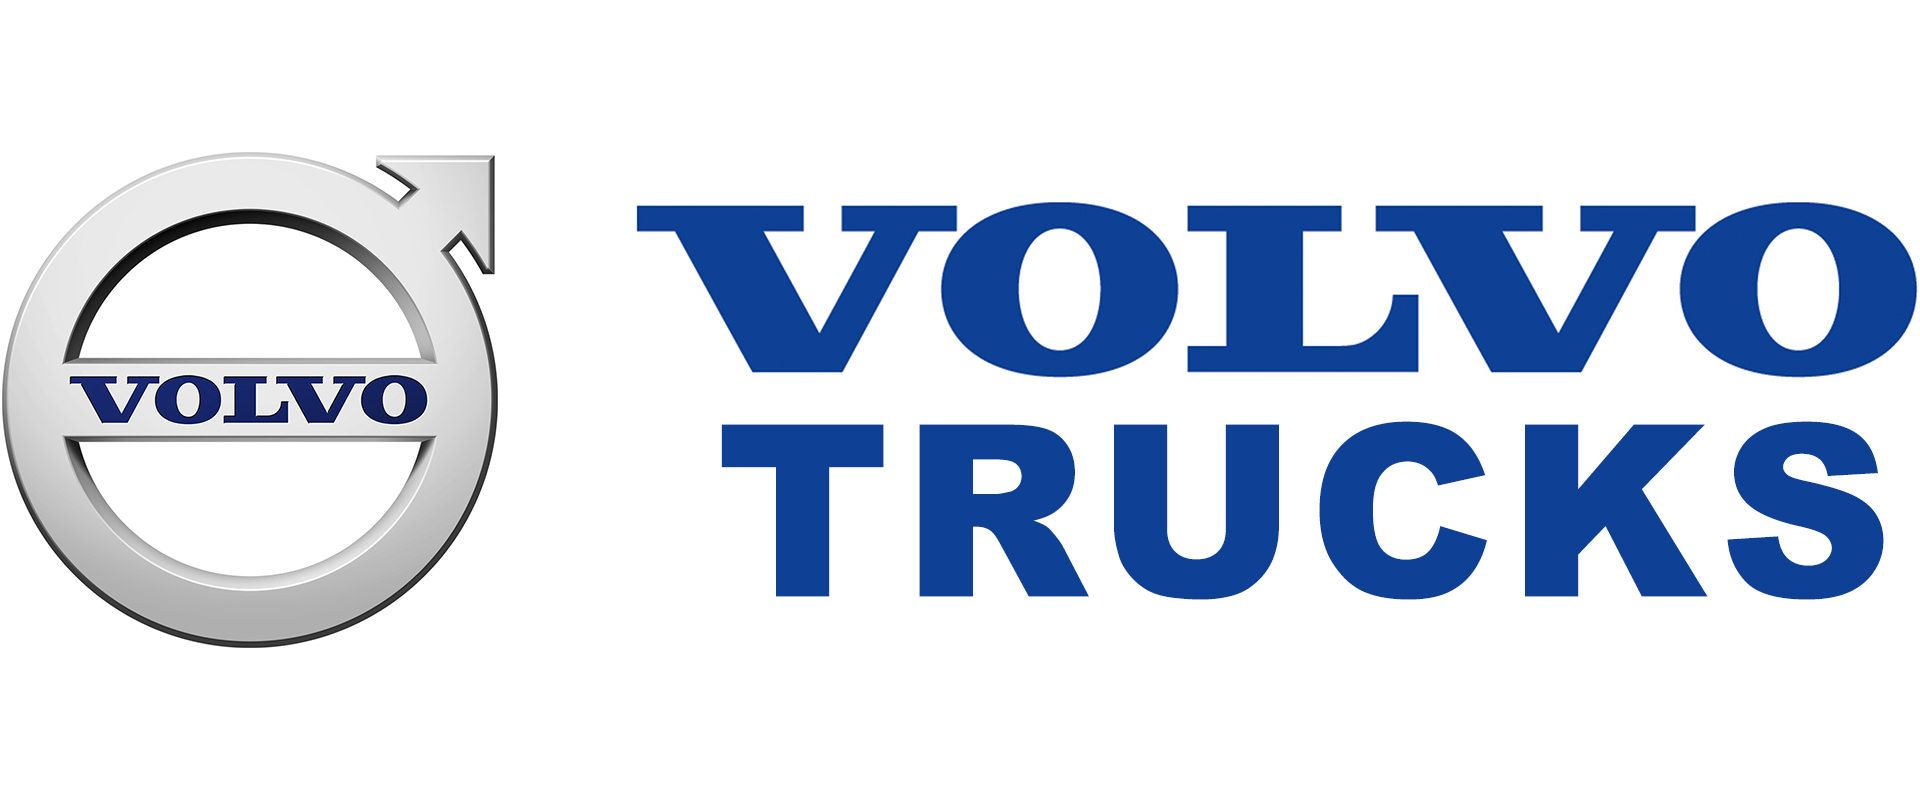 Der neueste autonome Schub von Volvo Trucks: Prädiktive Verhaltens-Technologie